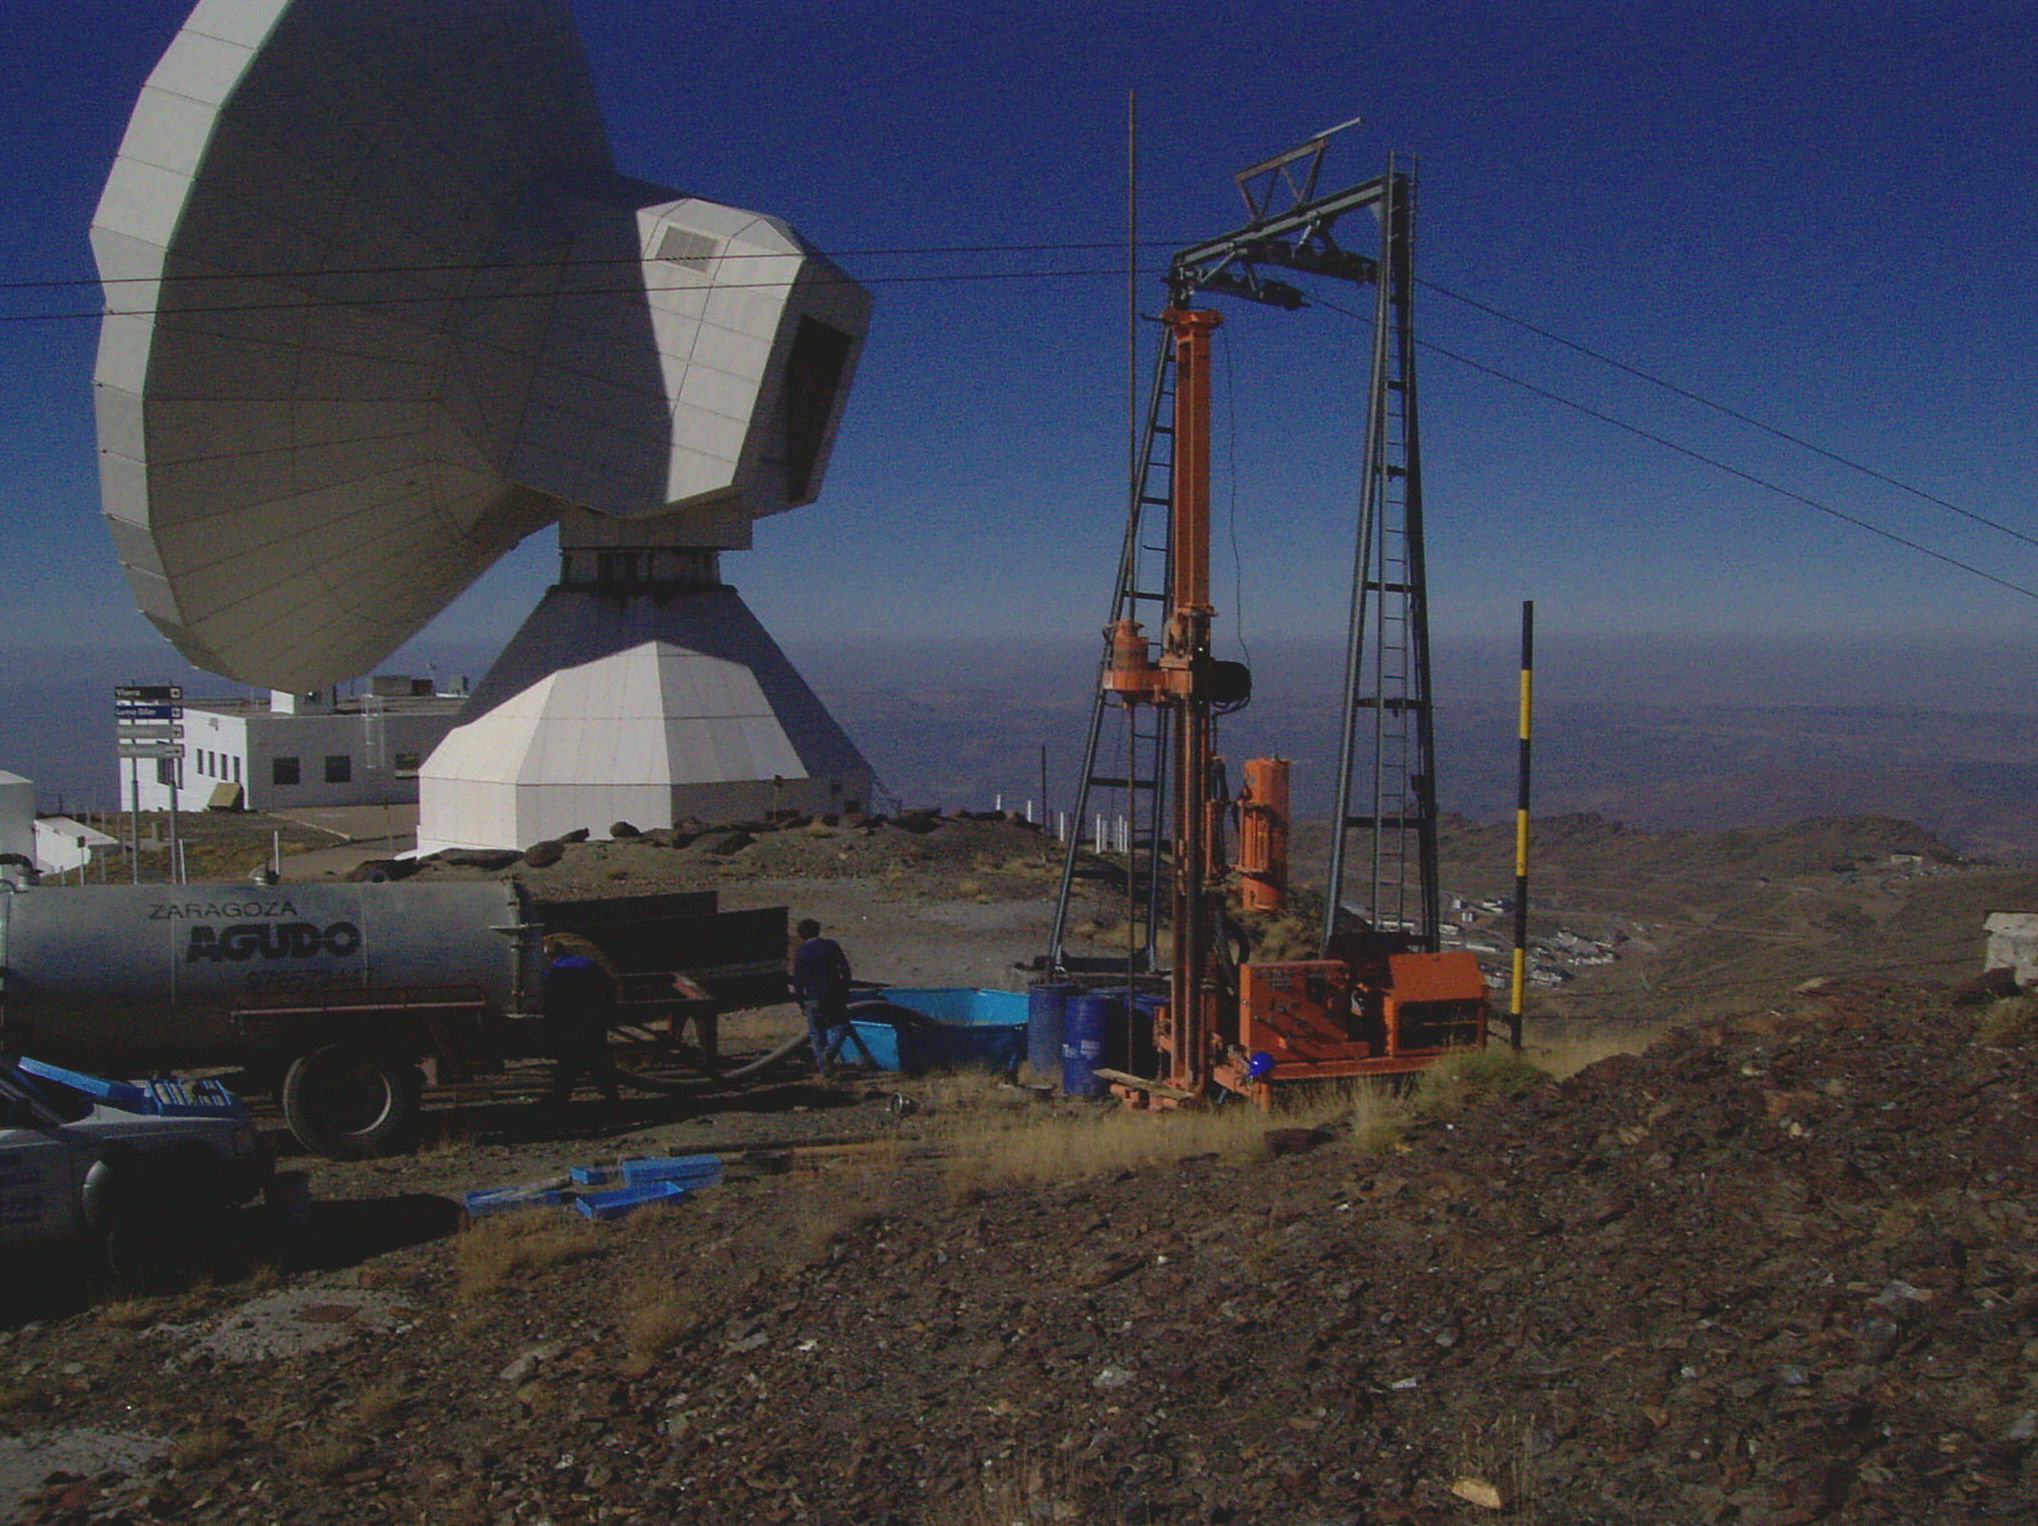 Sondeo para estudio geotécnico en Sierra Nevada (Granada)